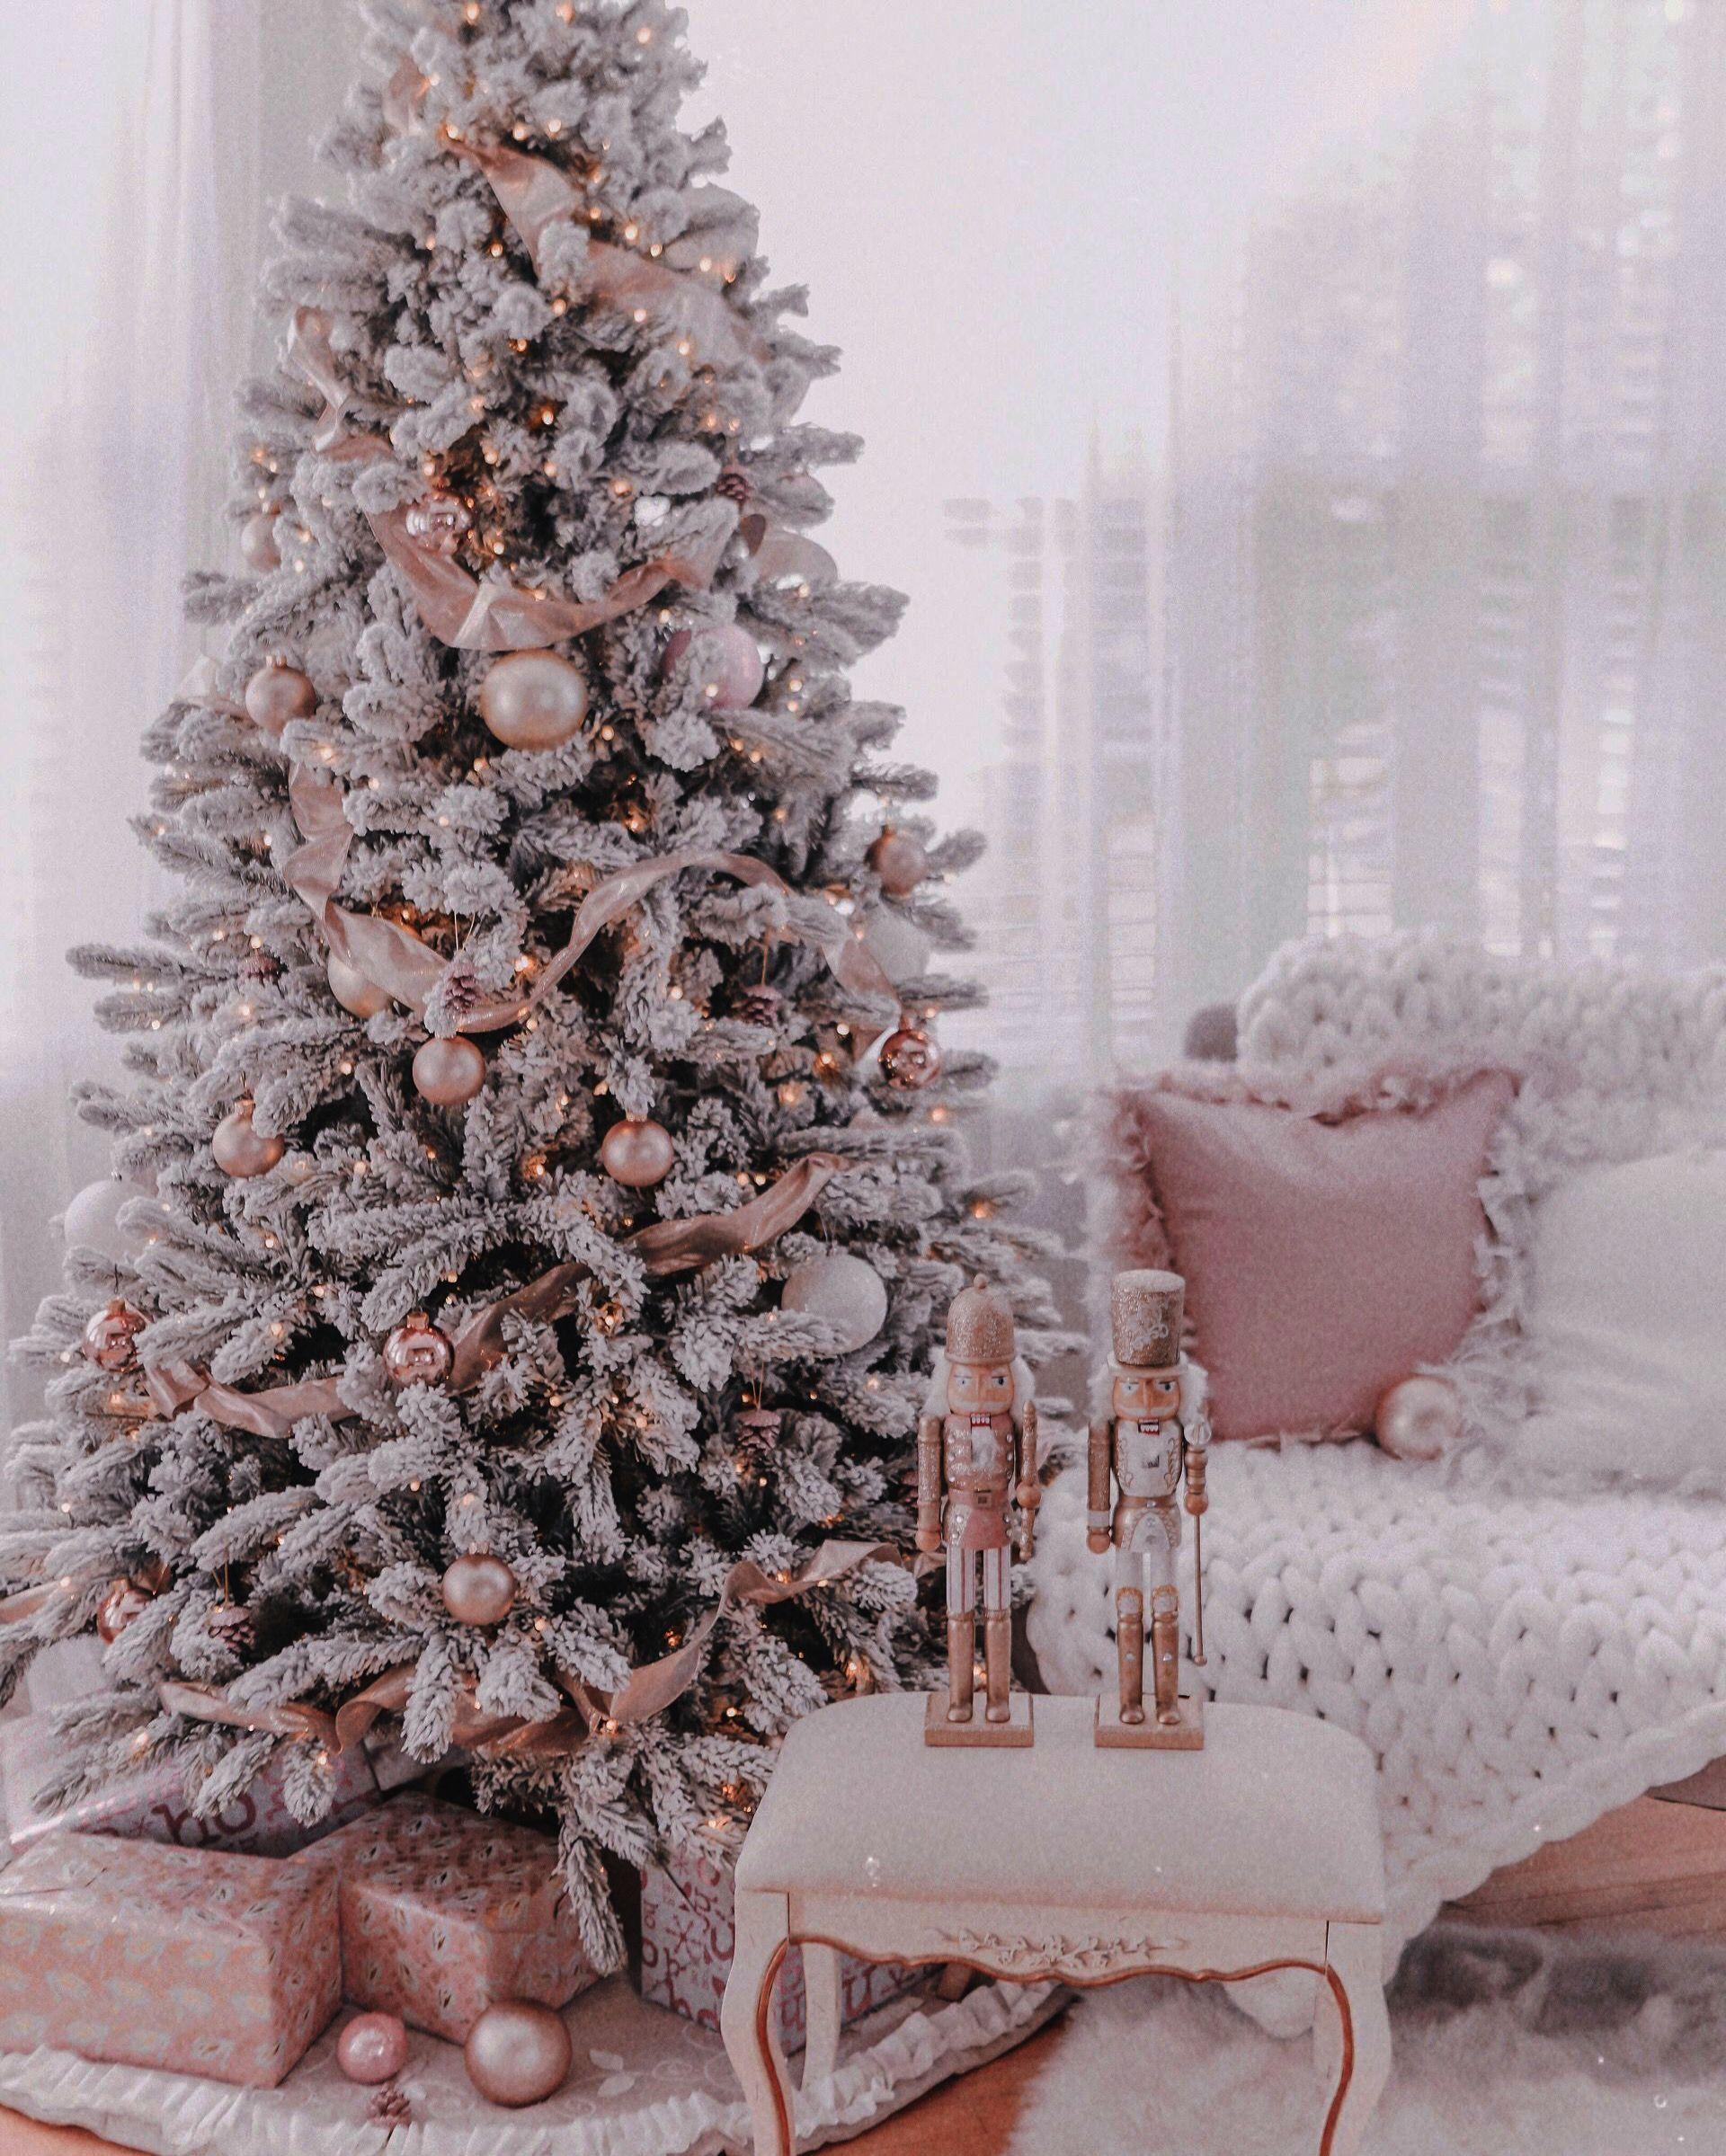 Giant Christmas Tree Storage Bags Christmas Cactus At Lowes Quite Christmas Tree Christmas Tree Decorations Diy Gold Christmas Decorations Rose Gold Christmas